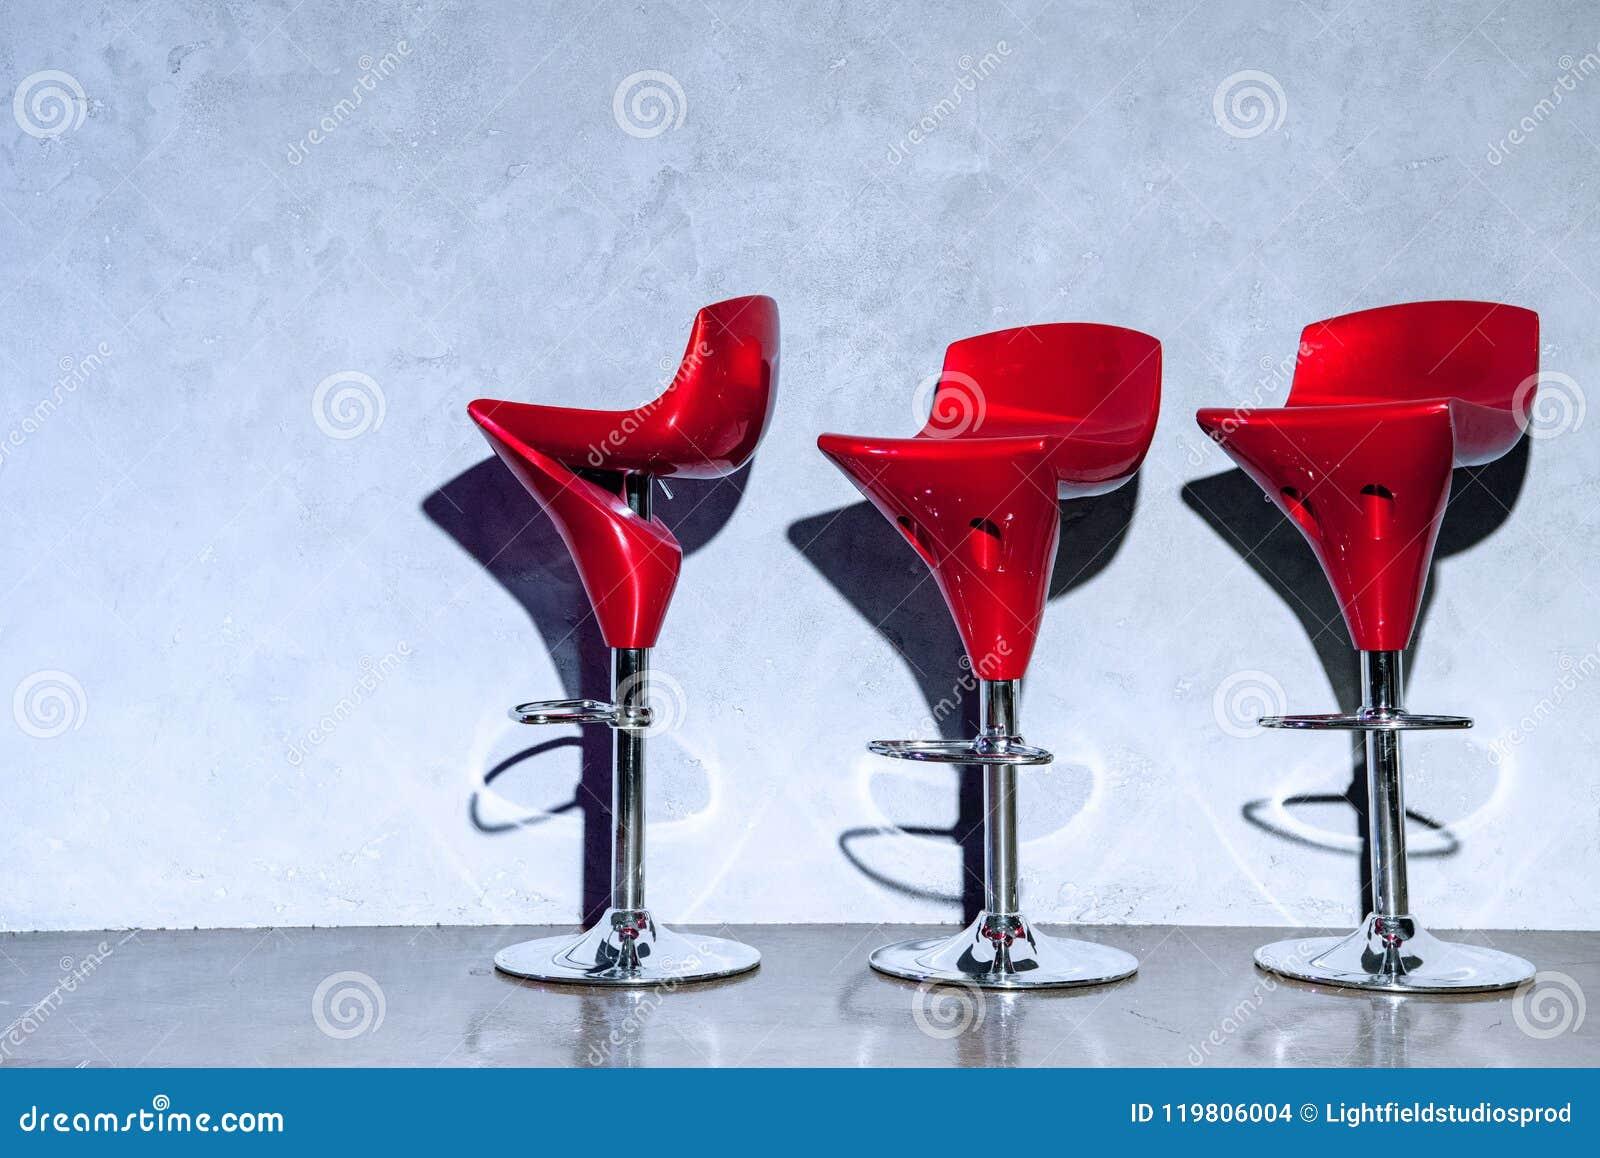 Sgabelli Bar Rossi.Tre Sgabelli Da Bar Vuoti Rossi Fotografia Stock Immagine